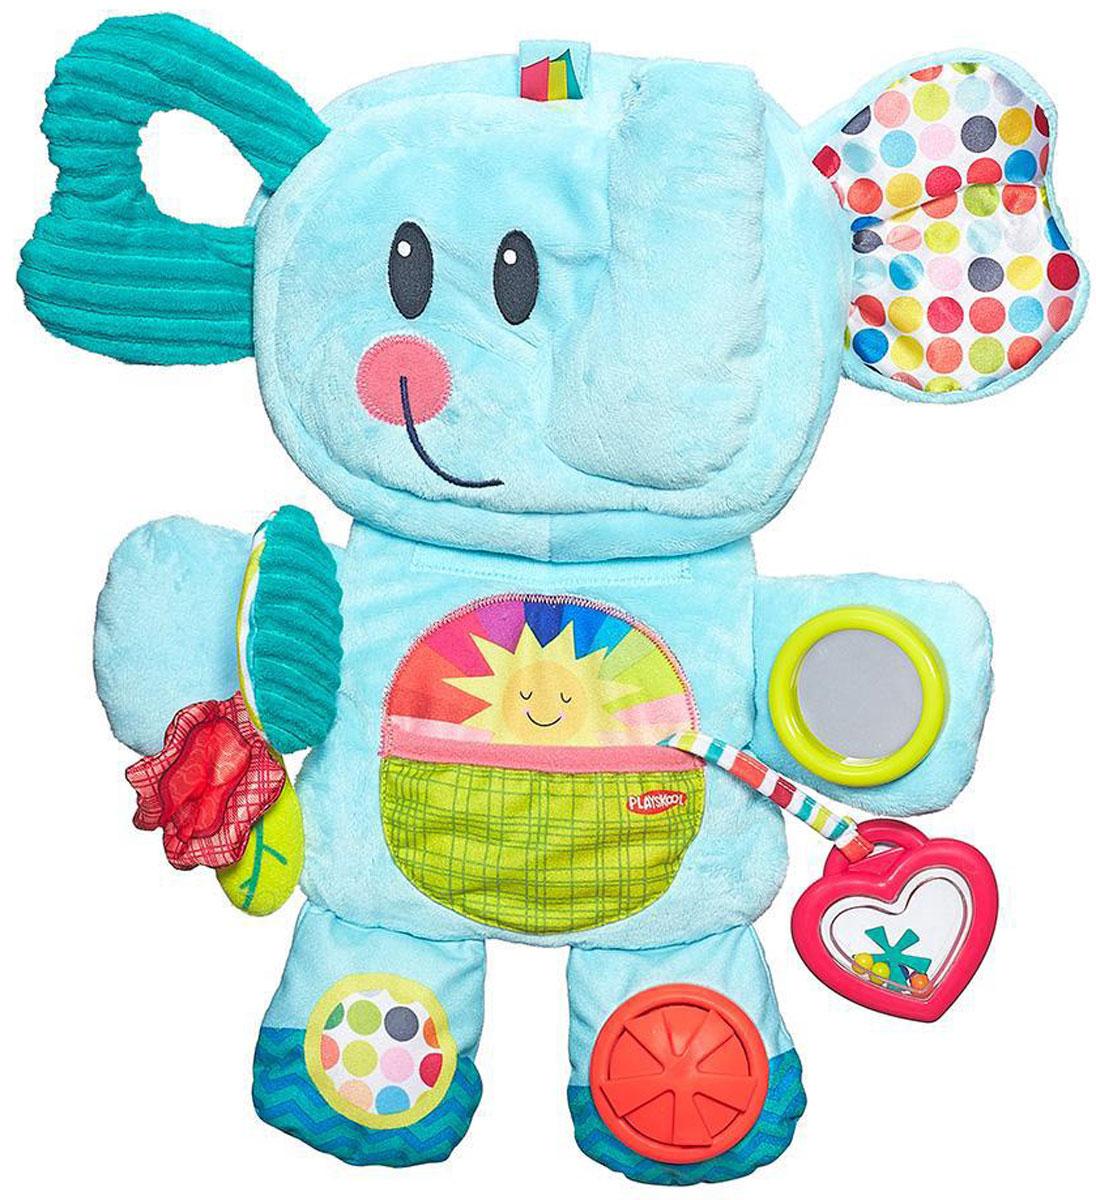 Playskool Мягкая развивающая игрушка Веселый слоник learning journey развивающая игрушка веселый слоник